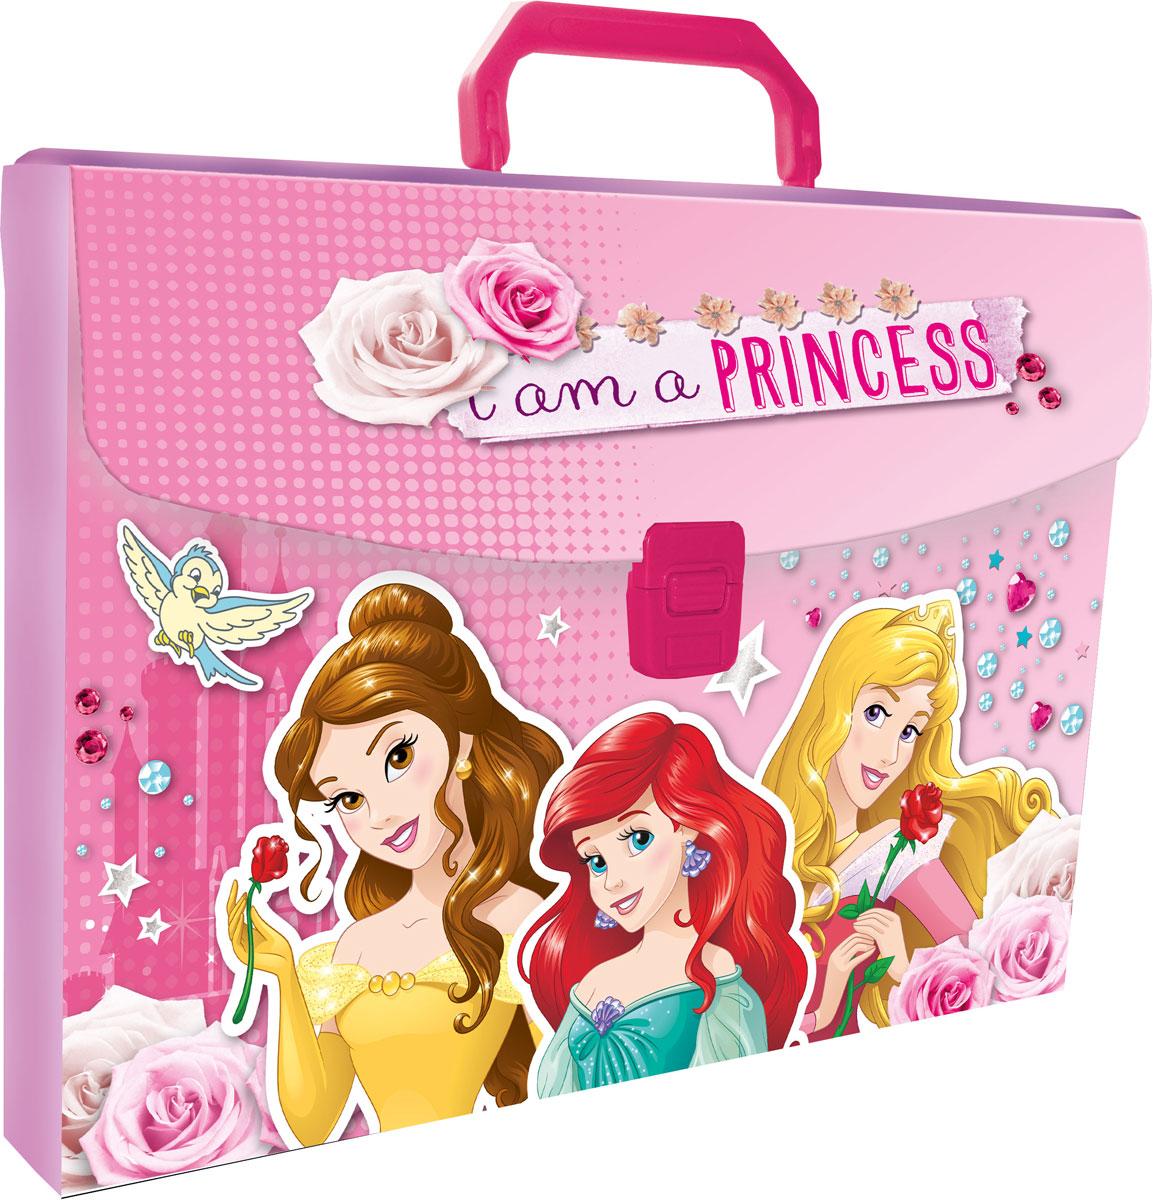 Папка-портфель Disney Princess. Формат А4PRCB-US1-PLB-FB65Легкая папка-портфель Disney Princess - удобный и практичный вариант для транспортировки и хранения различных бумаг и вещей максимального формата А4. Папка прямоугольной формы выполнена из прочного полипропилена и оформлена изображениями принцесс Диснея, персонажей популярных мультфильмов знаменитой киностудии. Папка-портфель содержит одно вместительное отделение и закрывается с помощью пластиковой защелки. Надежная пластиковая ручка делает транспортировку школьных принадлежностей максимально комфортной и удобной.